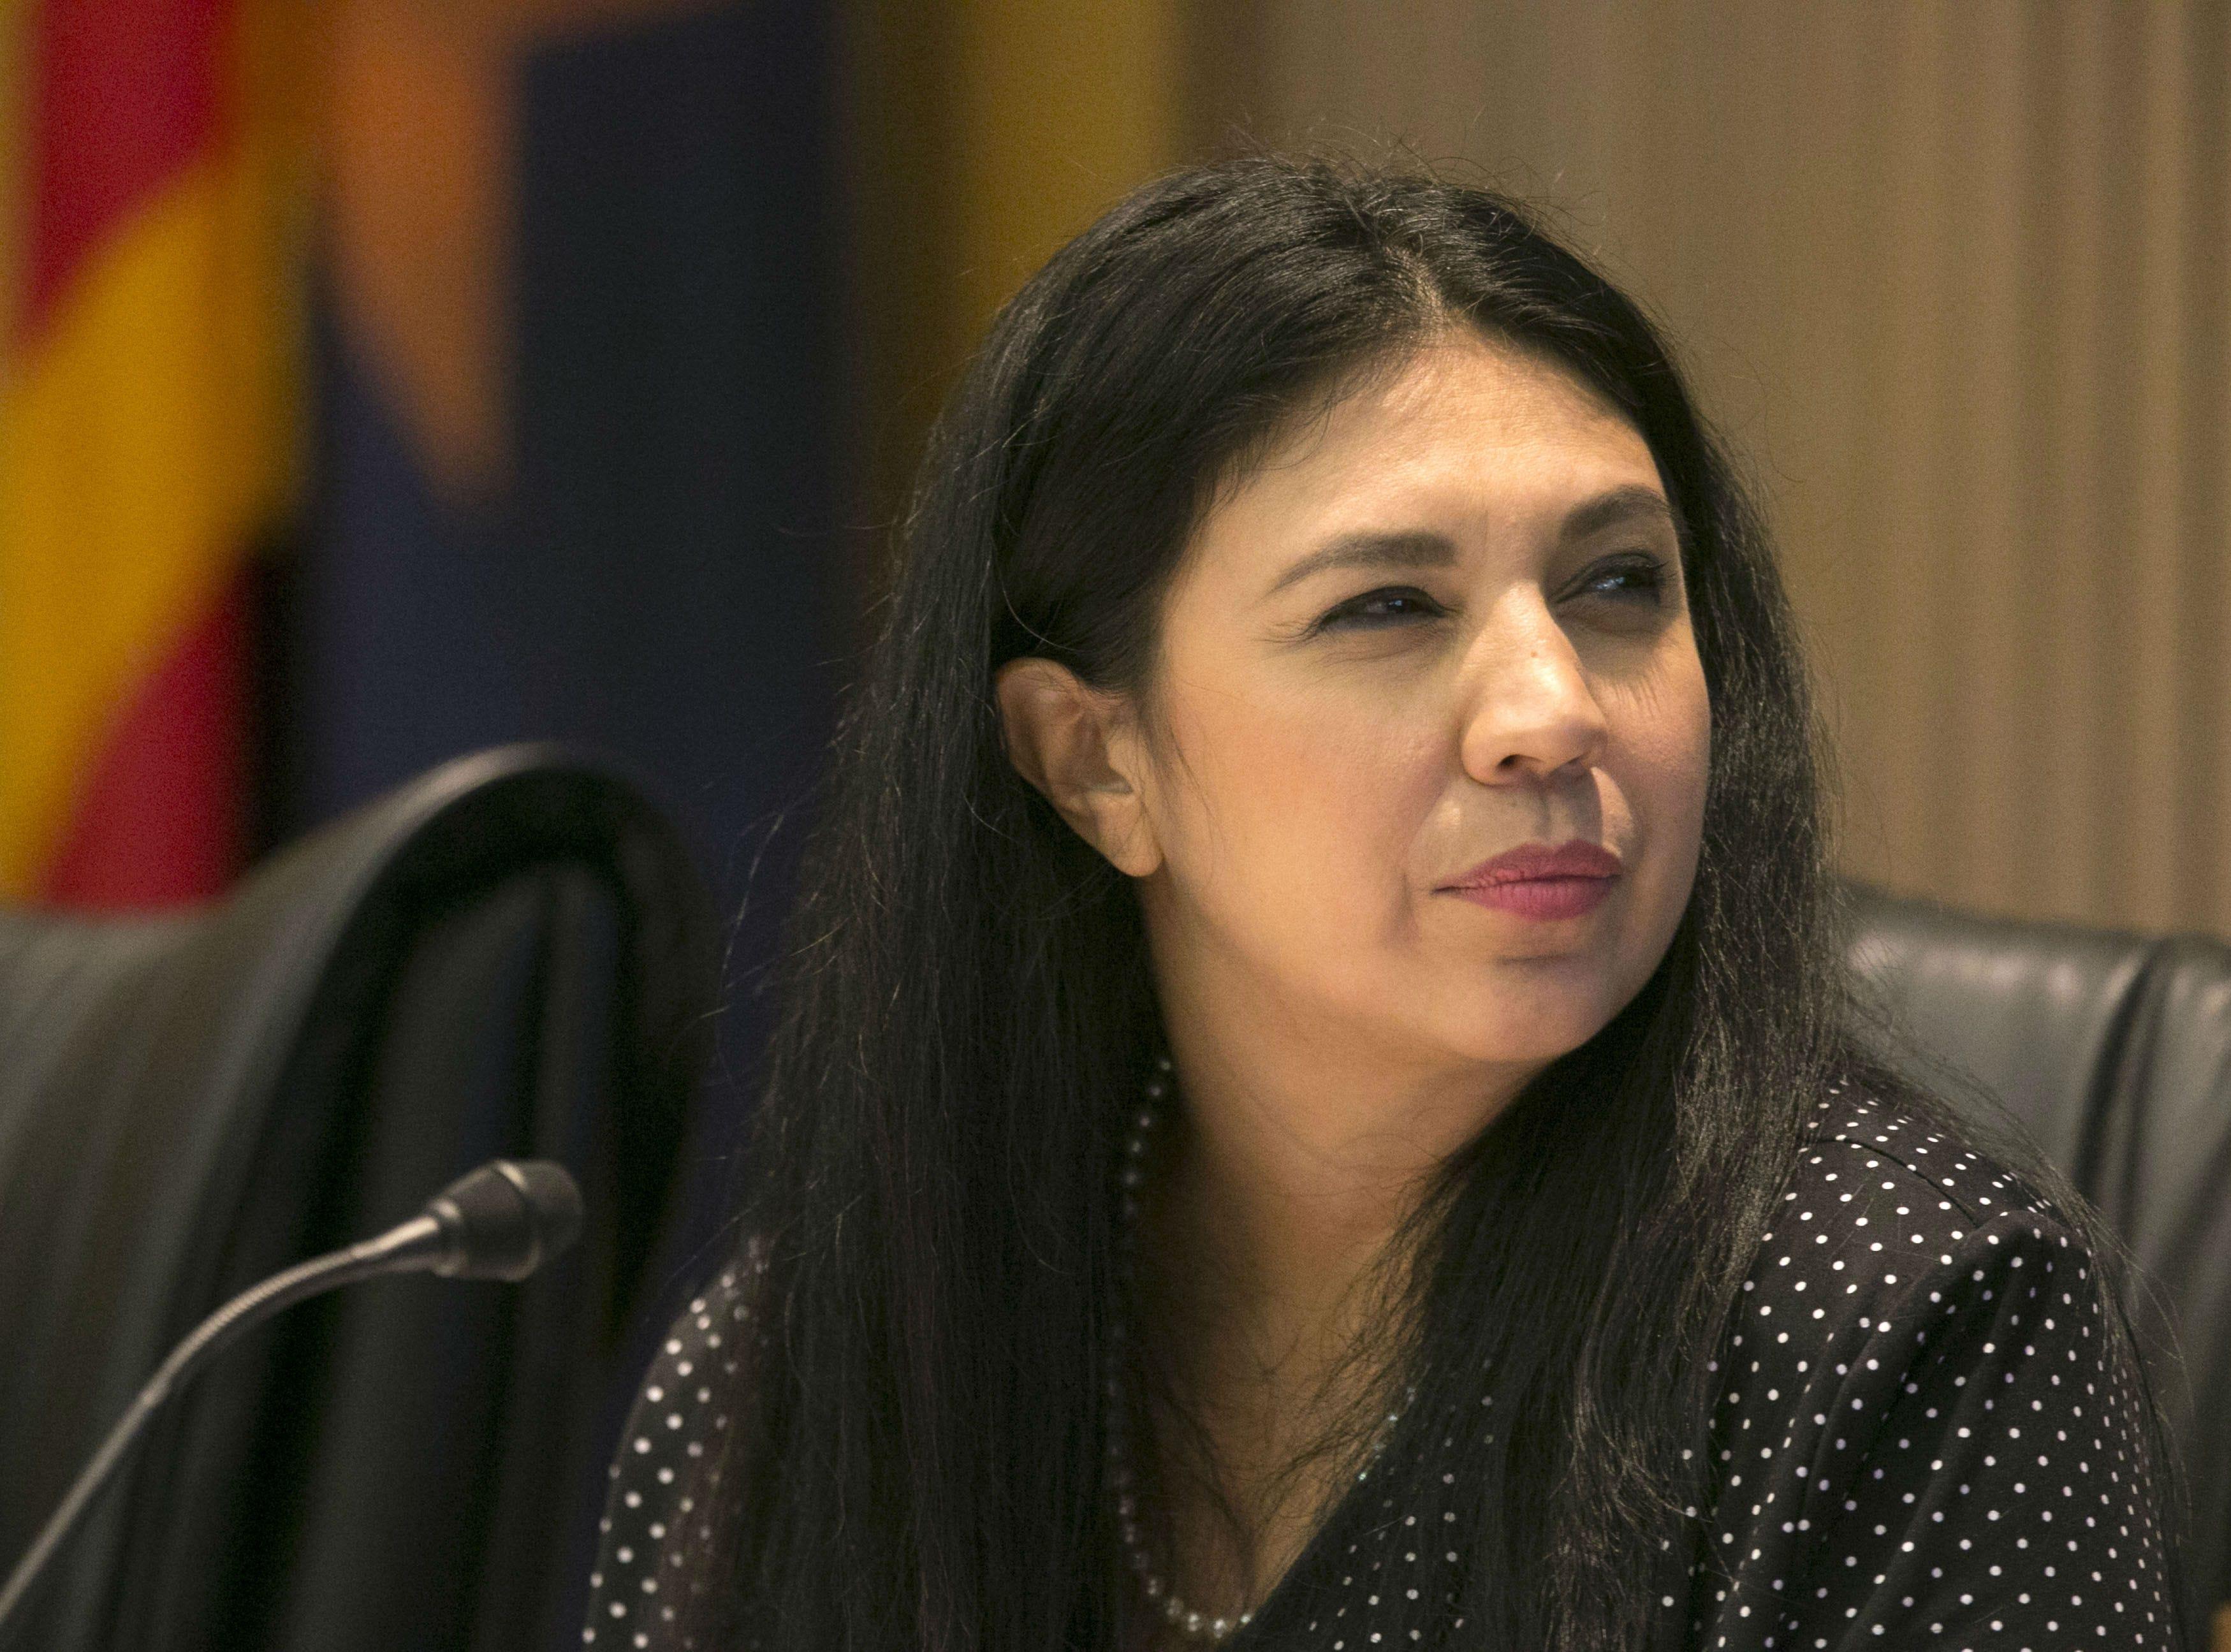 Phoenix City Councilwoman Felicita Mendoza listens during a Phoenix City Council meeting at the Phoenix City Council Chambers on Sept. 19, 2018.